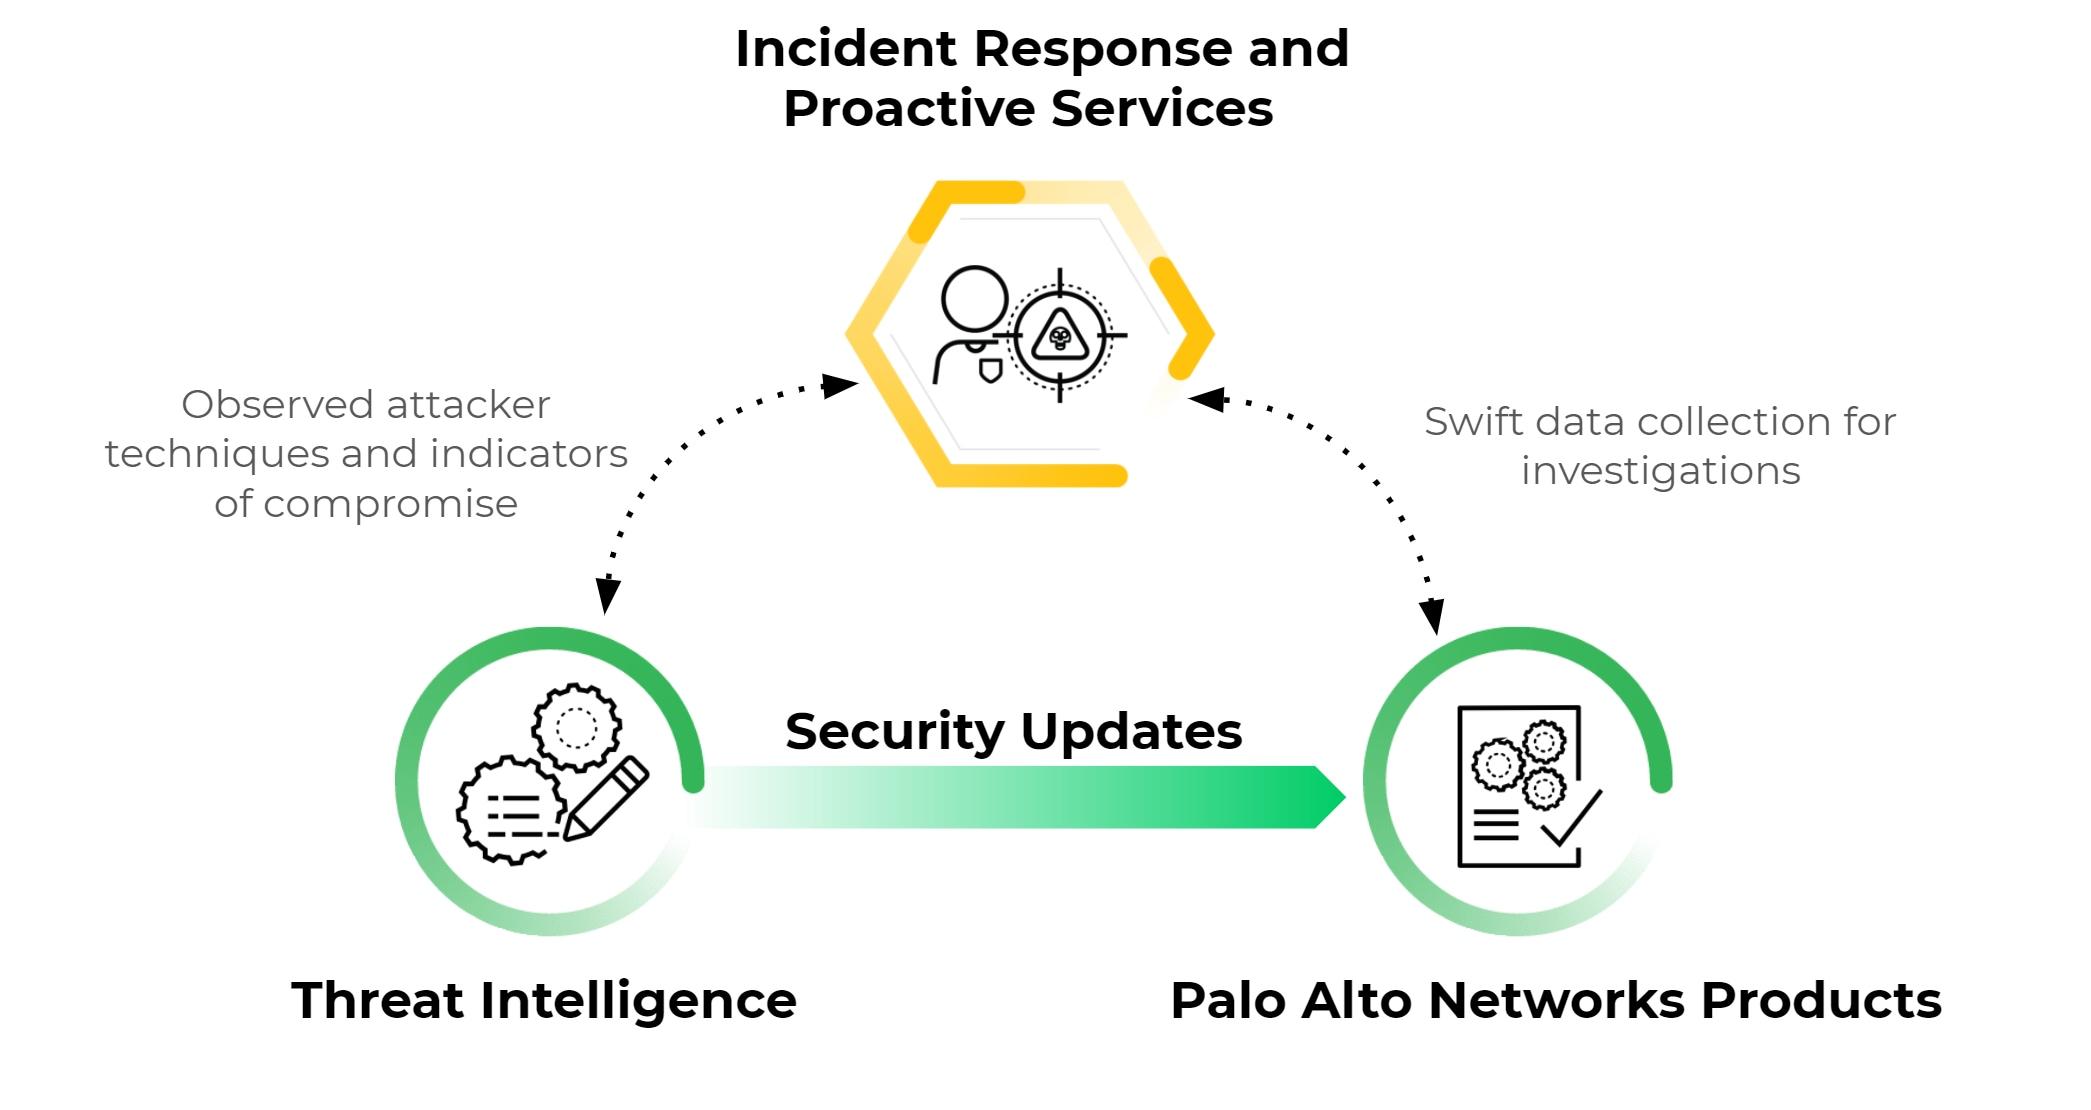 脅威インテリジェンスとインシデントレスポンス、プロアクティブサービスは、このイメージが示すようにパロアルトネットワークス製品と相互に作用します。これにより、迅速なセキュリティアップデート、観測された攻撃者のテクニックや侵害の指標の共有、調査のための迅速なデータ収集などが可能になります。